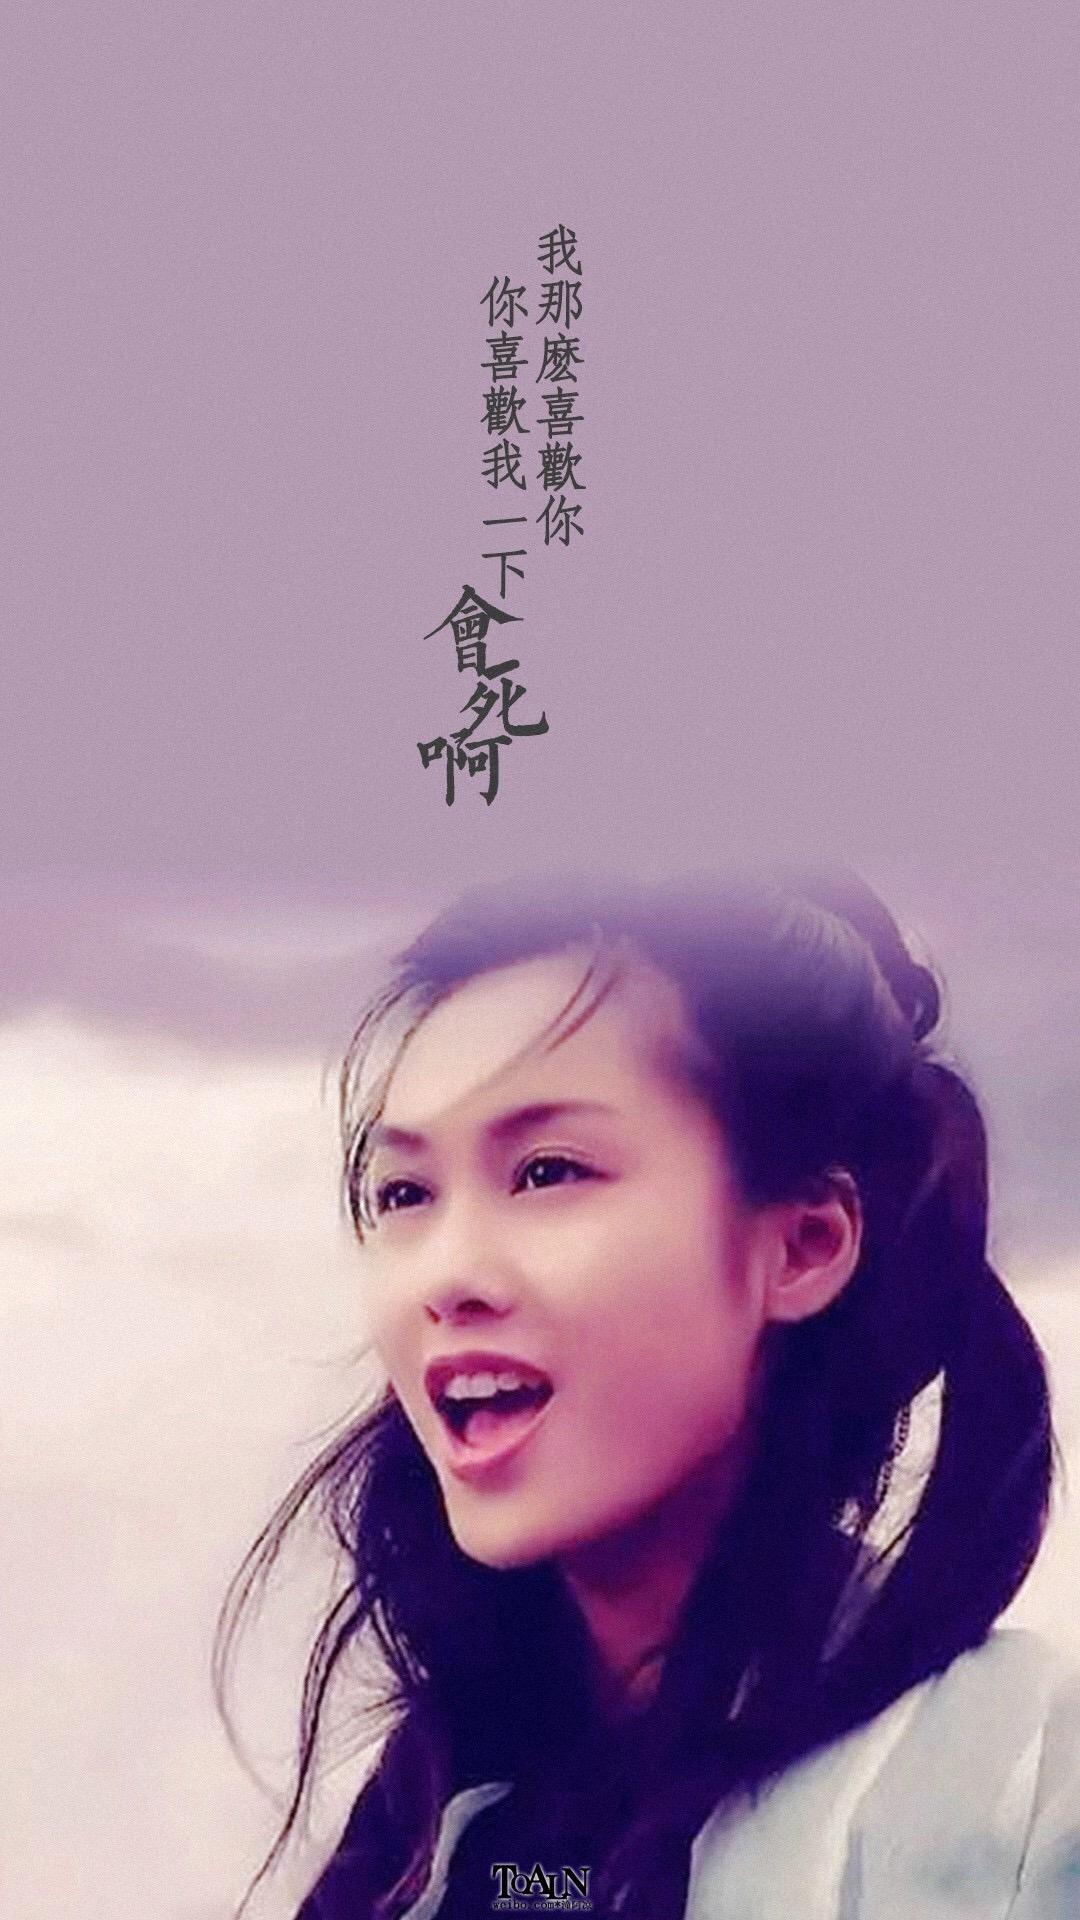 大话西游版手机壁纸紫霞仙子和至尊宝已阅点赞_新浪图片